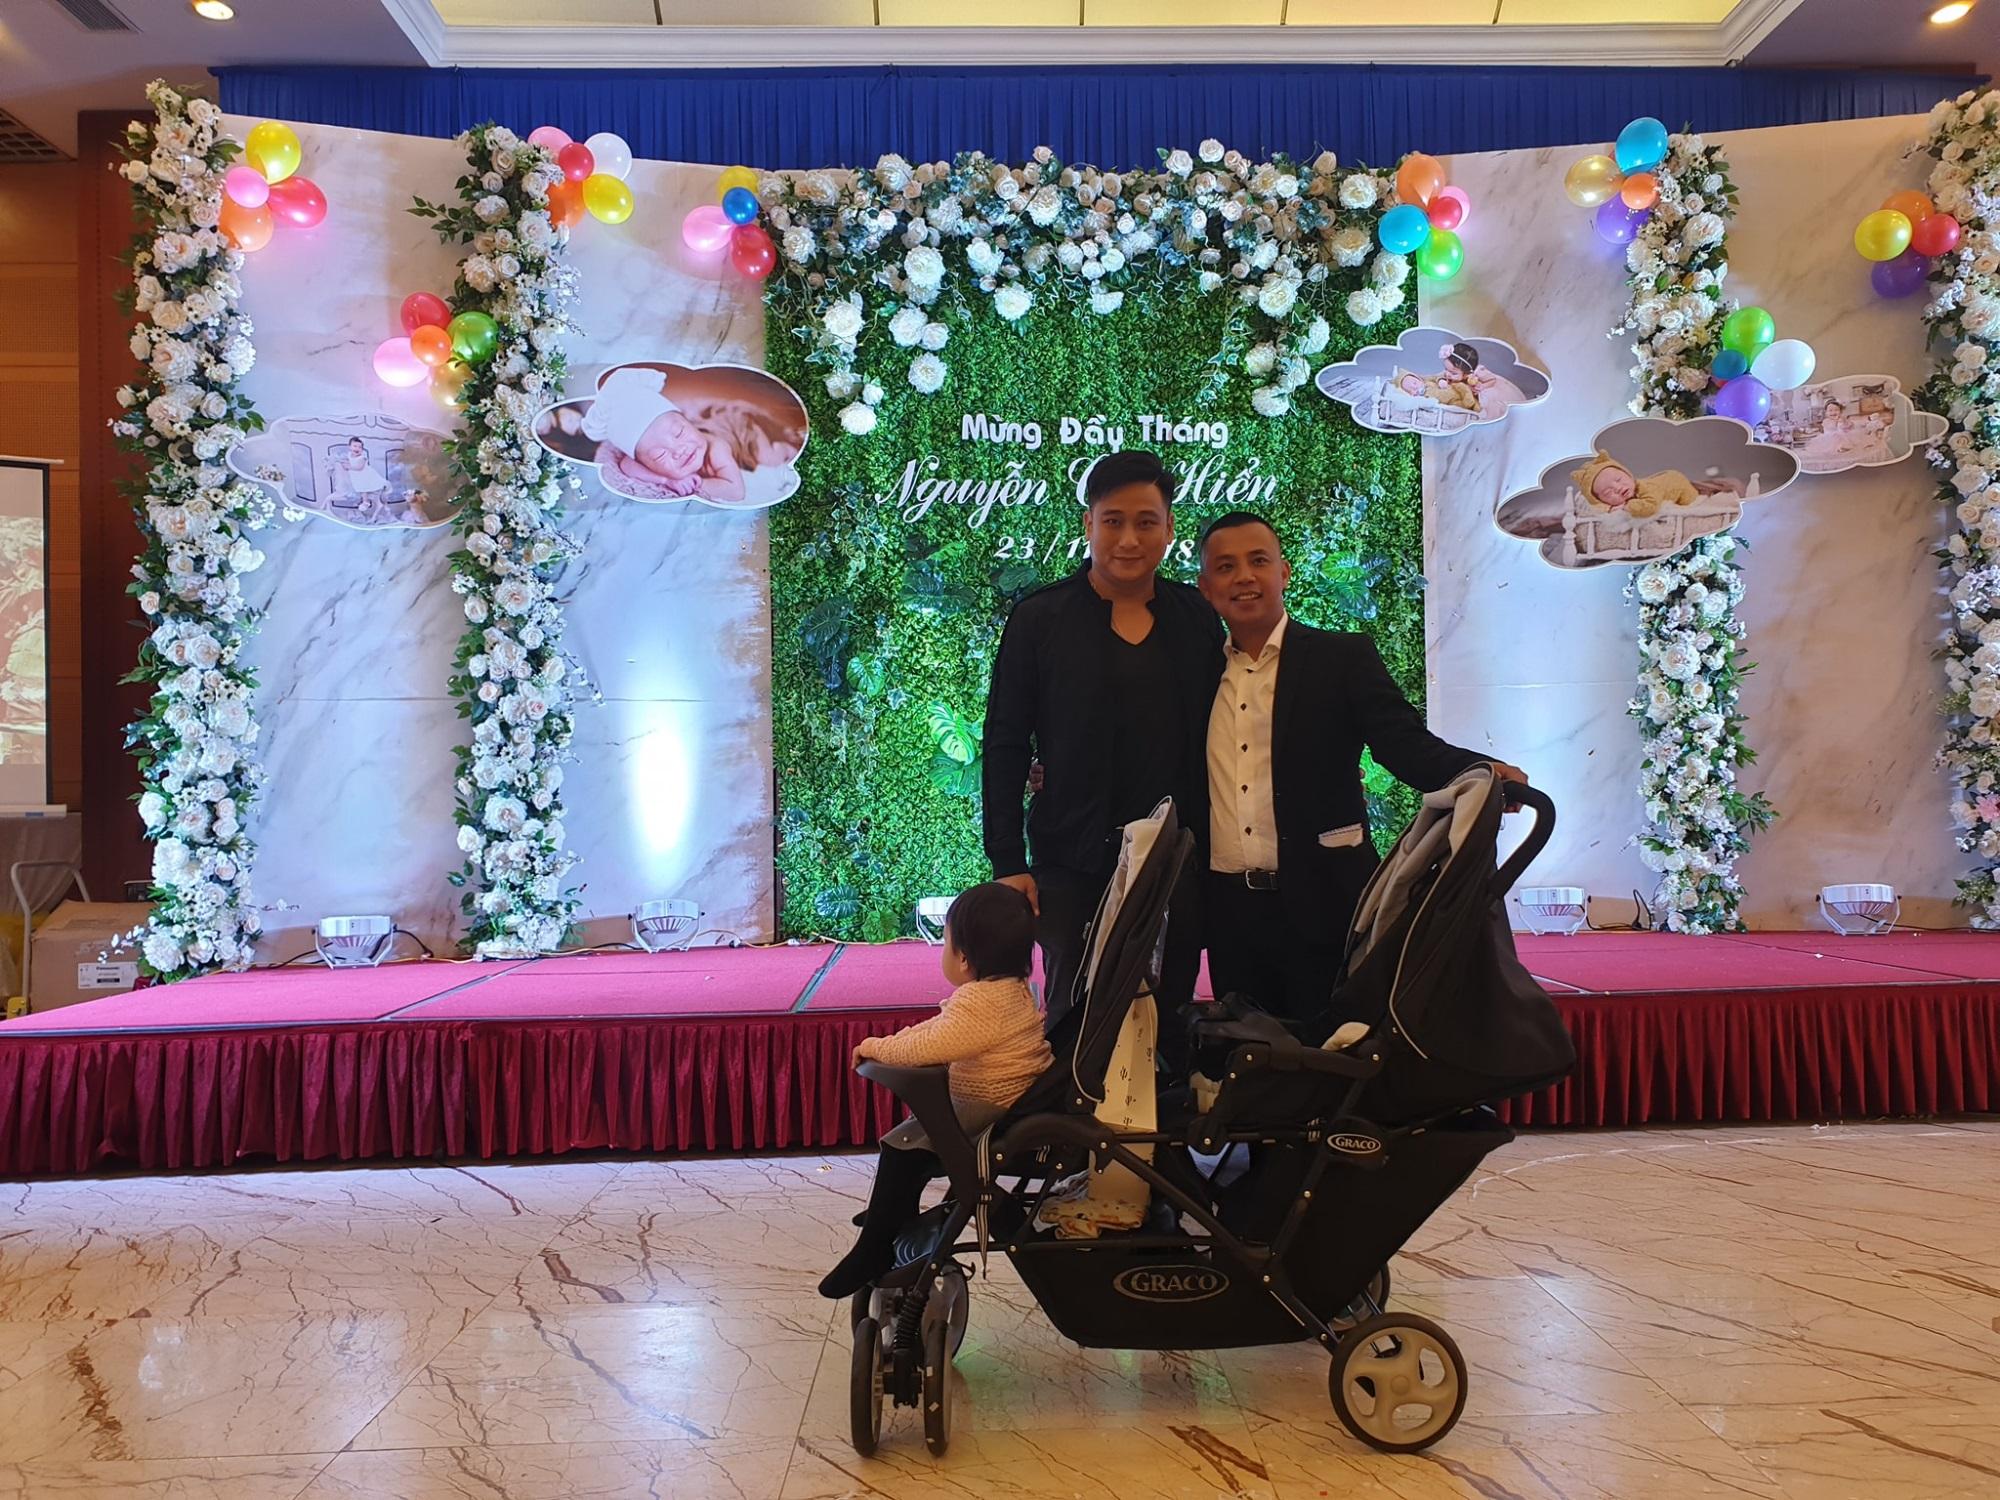 Lộ hình ảnh hiếm hoi trong tiệc đầy tháng con thứ hai của vợ chồng Chí Anh – Khánh Linh - Ảnh 2